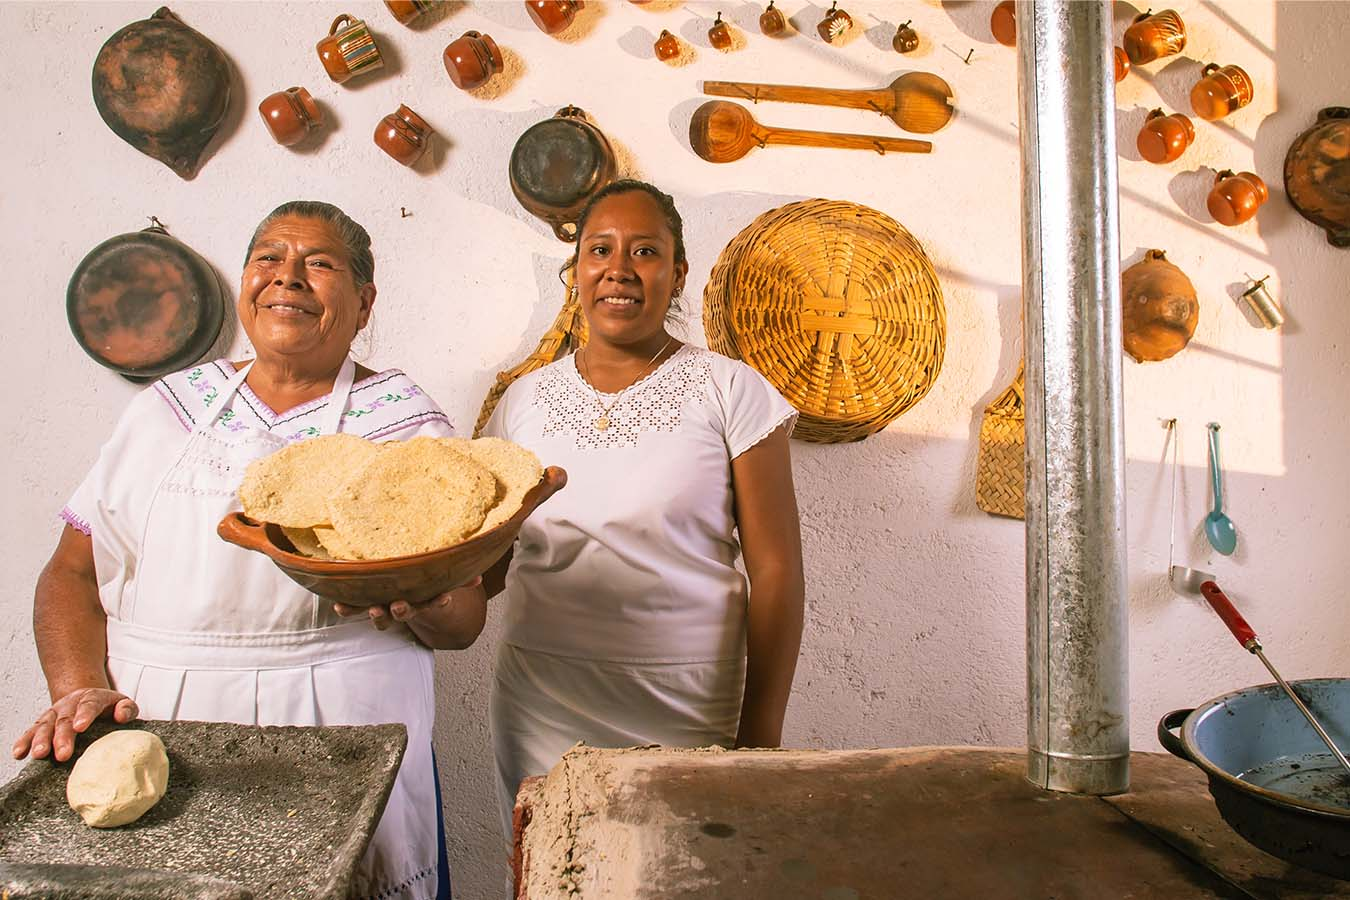 tostadas raspadas tostaderia tostadas mexicanas Jalisco